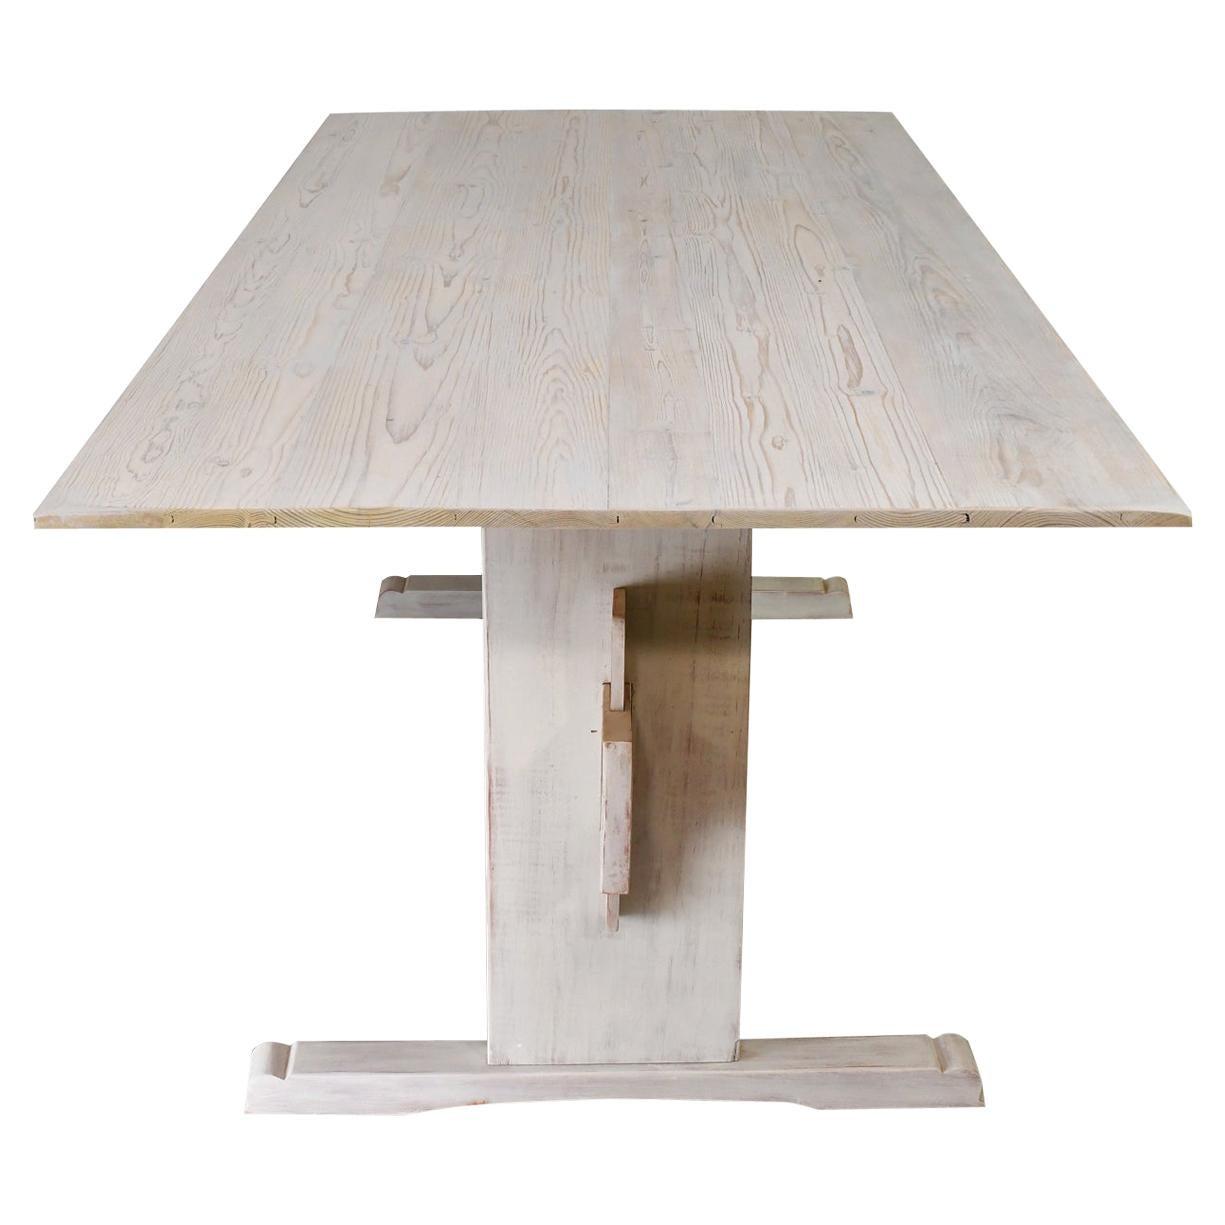 Bonnin Ashley Custom Bench-Made Scandinavian-Inspired Trestle Dining Table